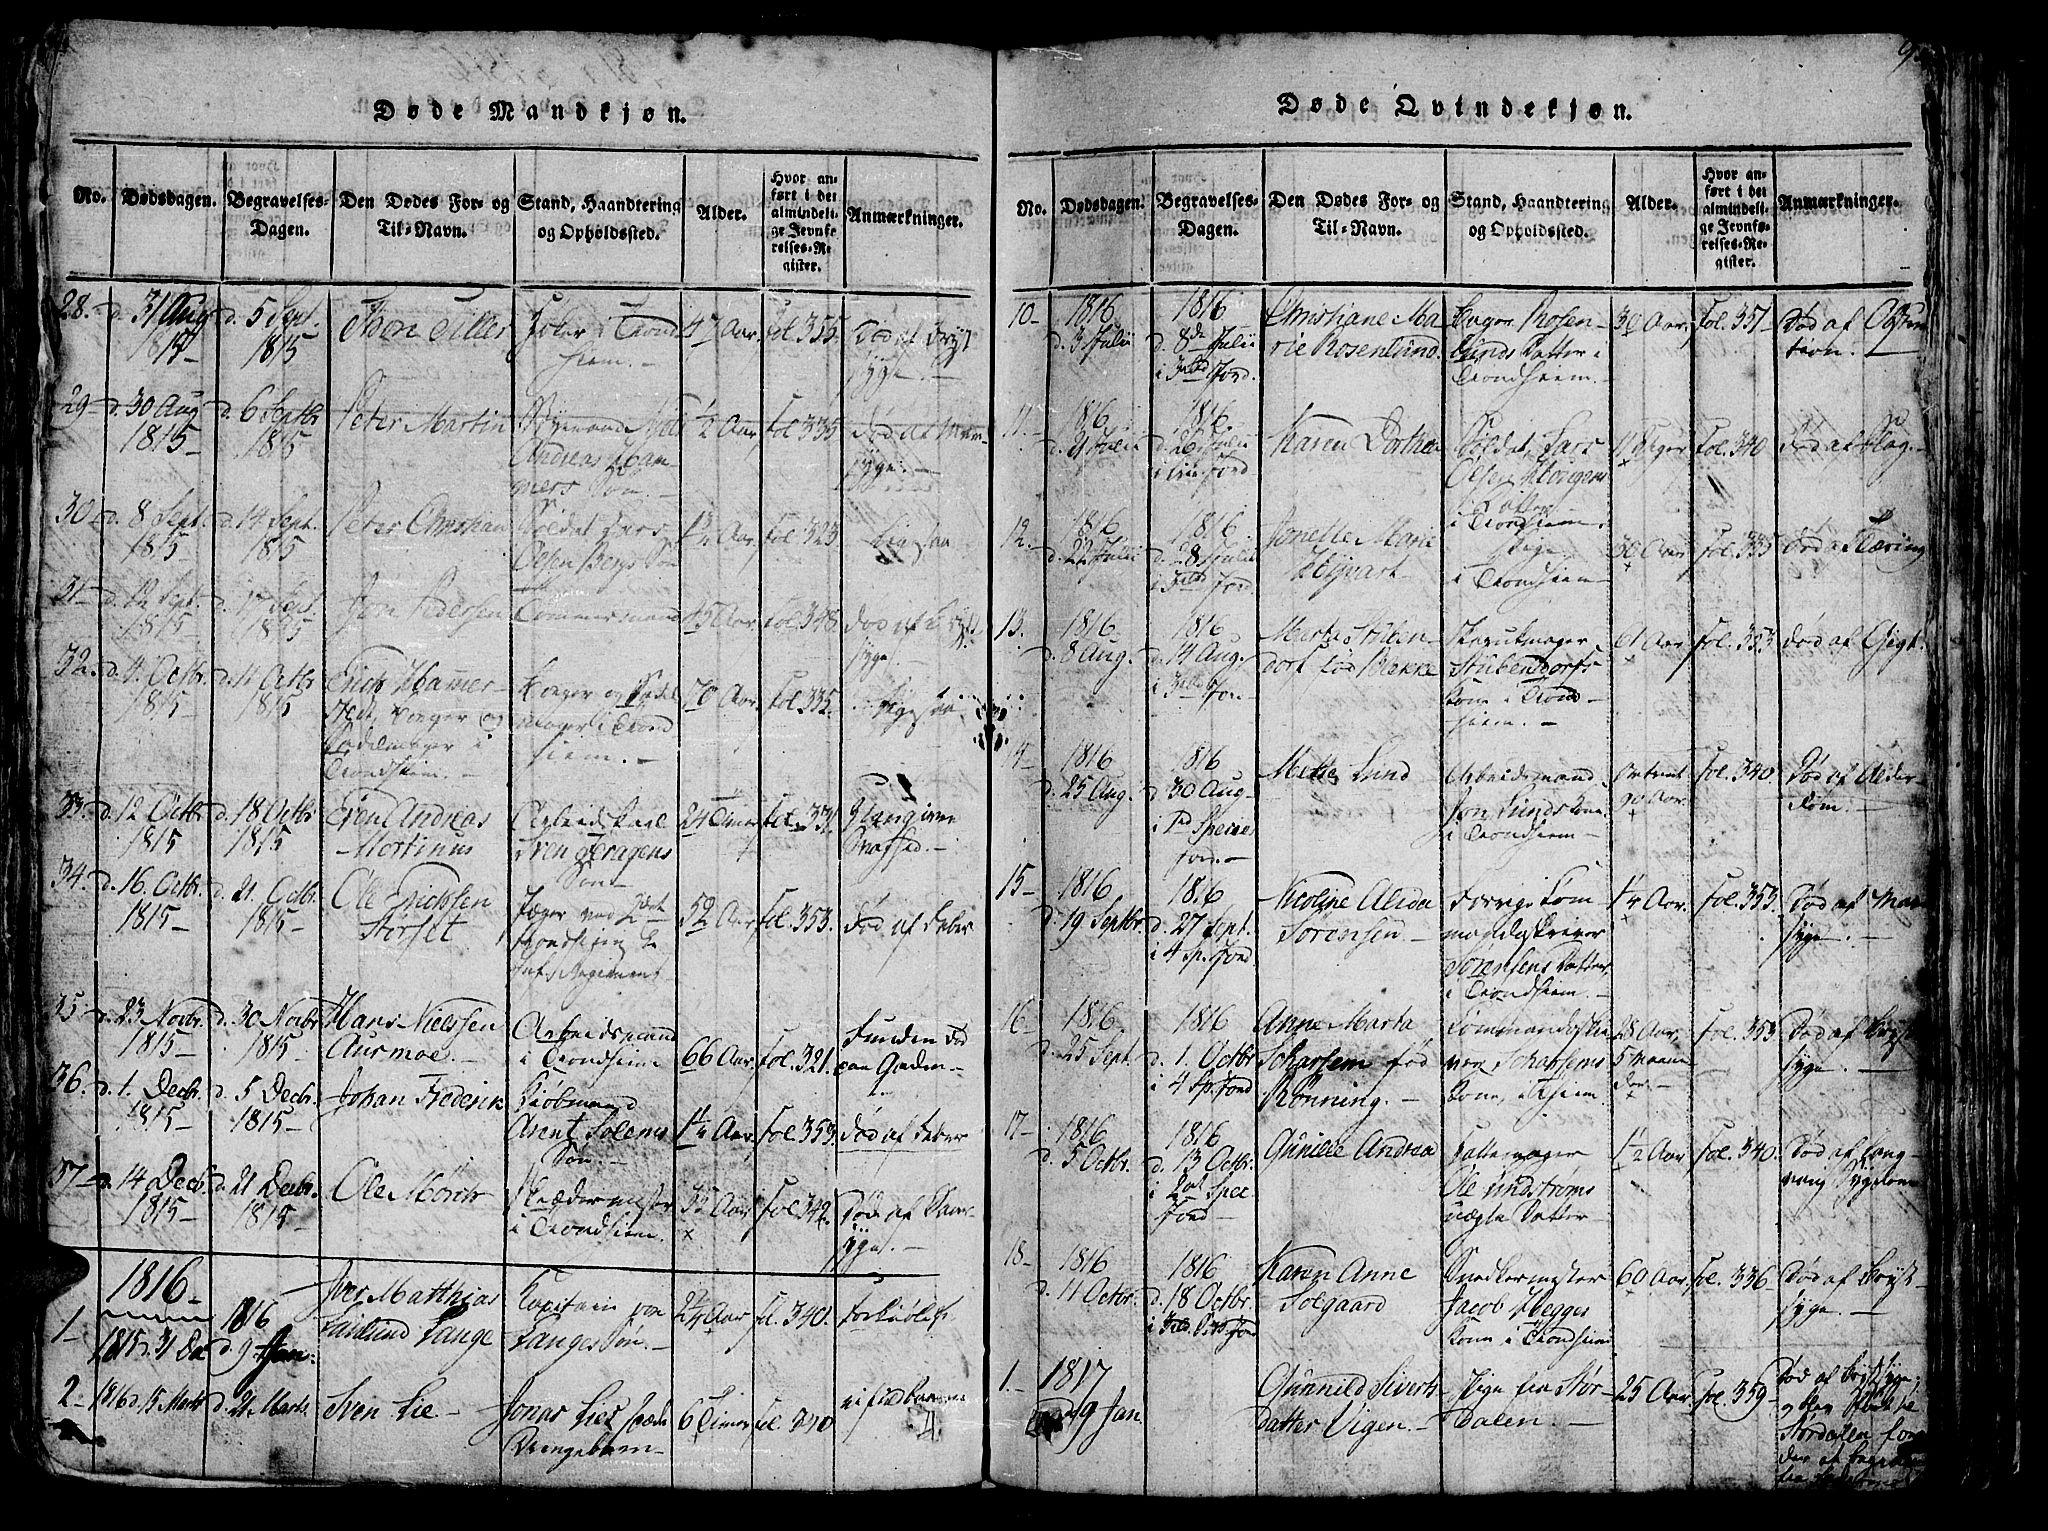 SAT, Ministerialprotokoller, klokkerbøker og fødselsregistre - Sør-Trøndelag, 602/L0135: Klokkerbok nr. 602C03, 1815-1832, s. 95